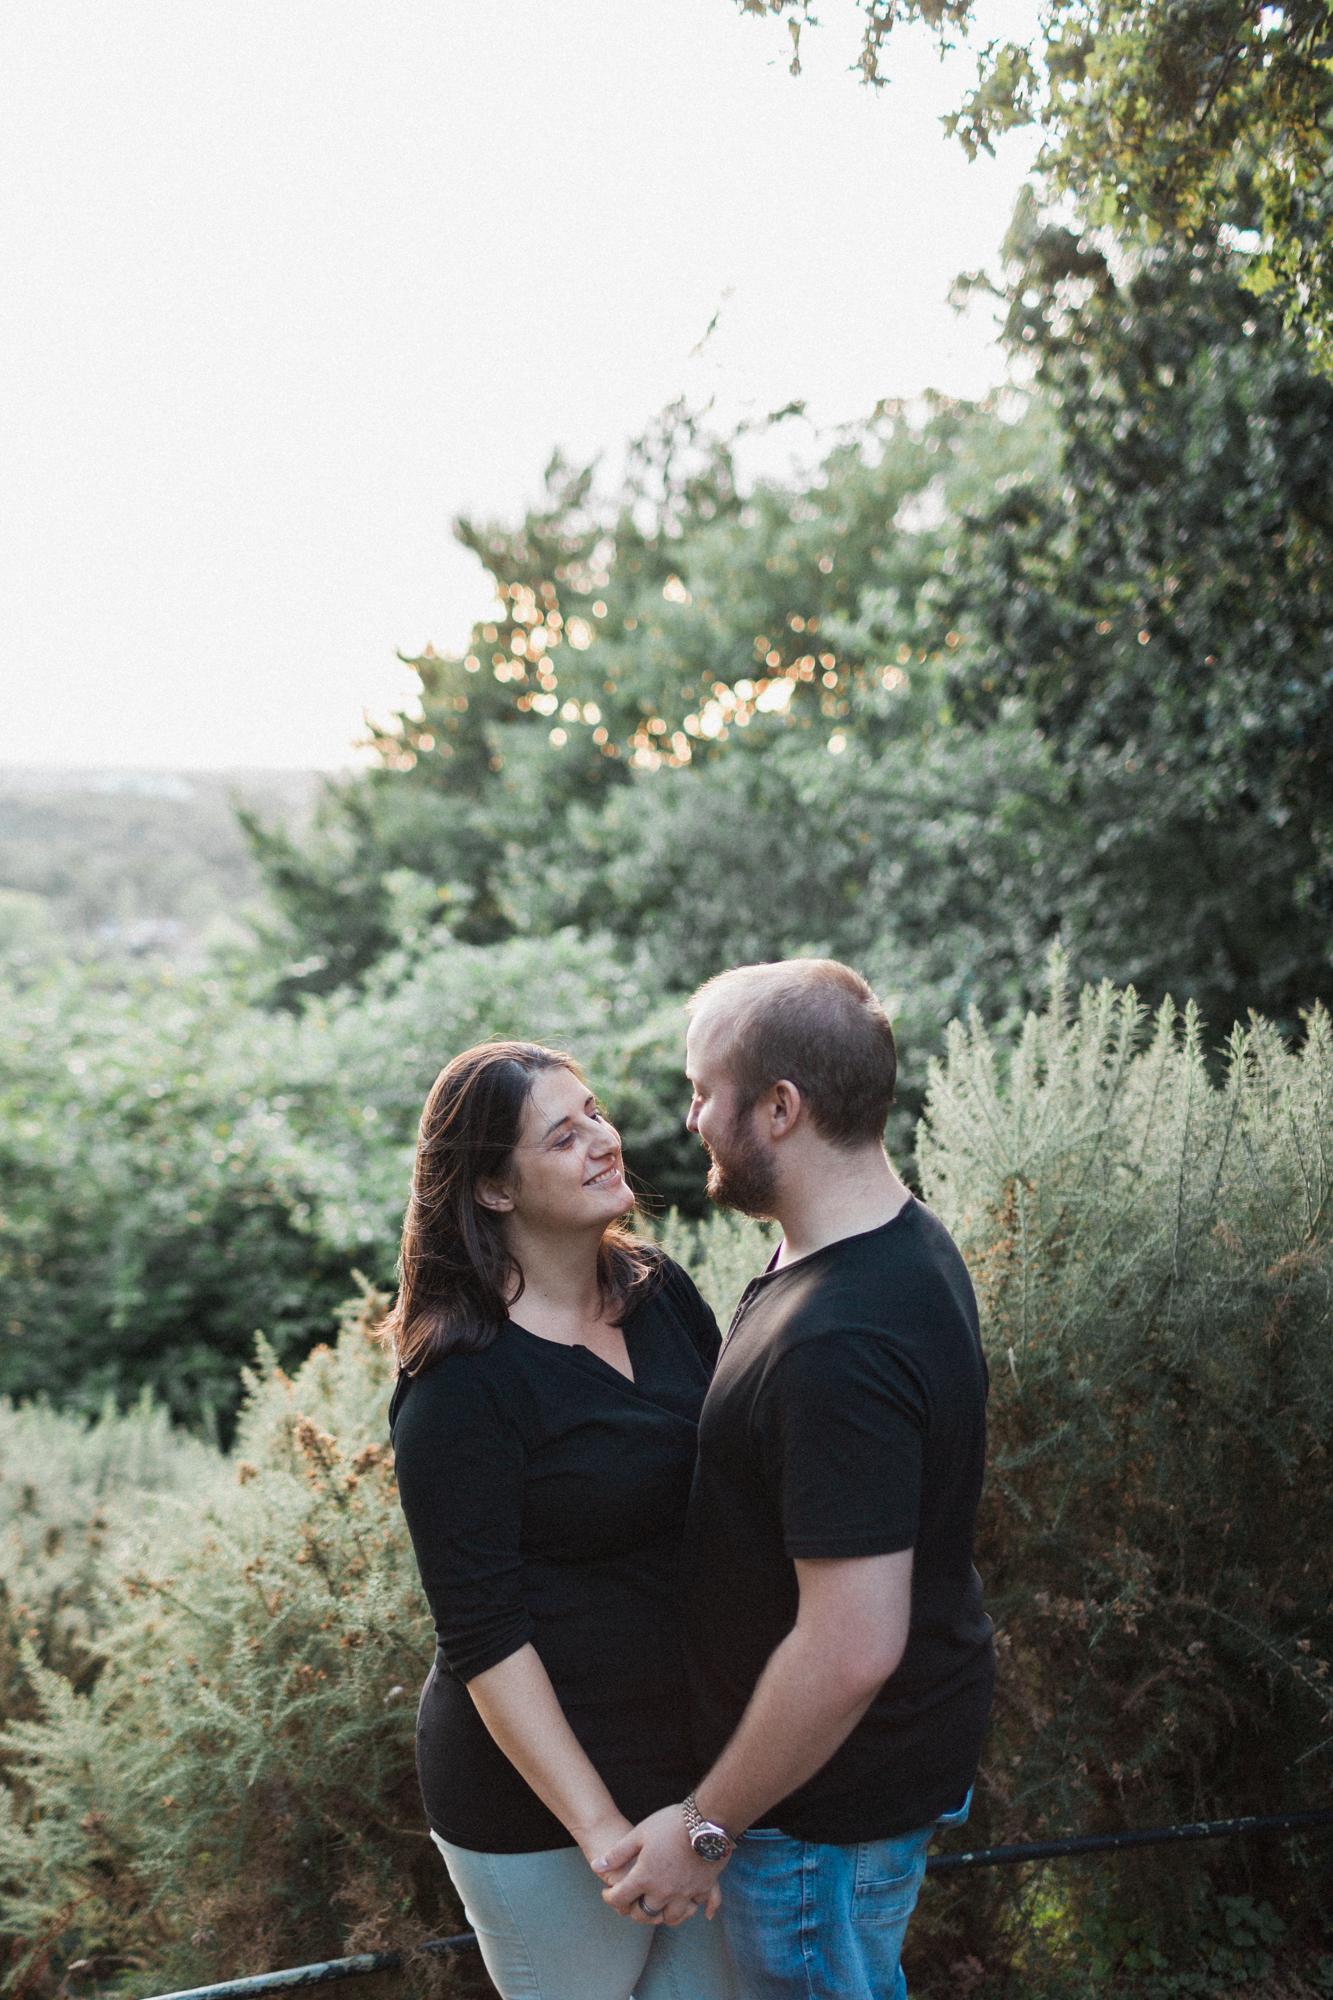 lovecandice-rob-stacey-richmond-park-0998.jpg